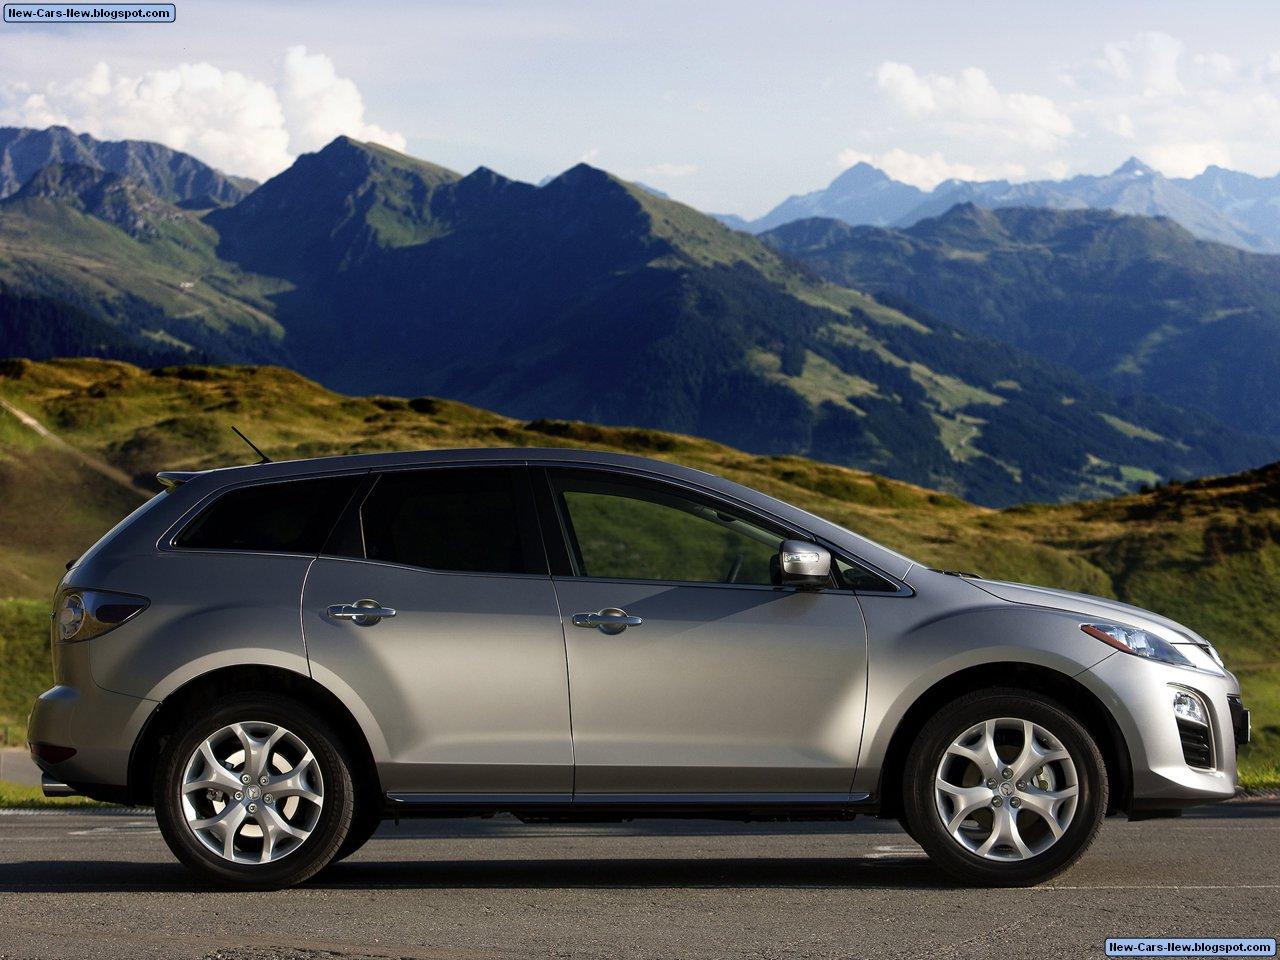 http://3.bp.blogspot.com/_U4w592tUDHM/TB9430vePJI/AAAAAAAABtc/3ELm49Ukz1w/s1600/Mazda-CX-7_2010_1280x960_wallpaper_02.jpg